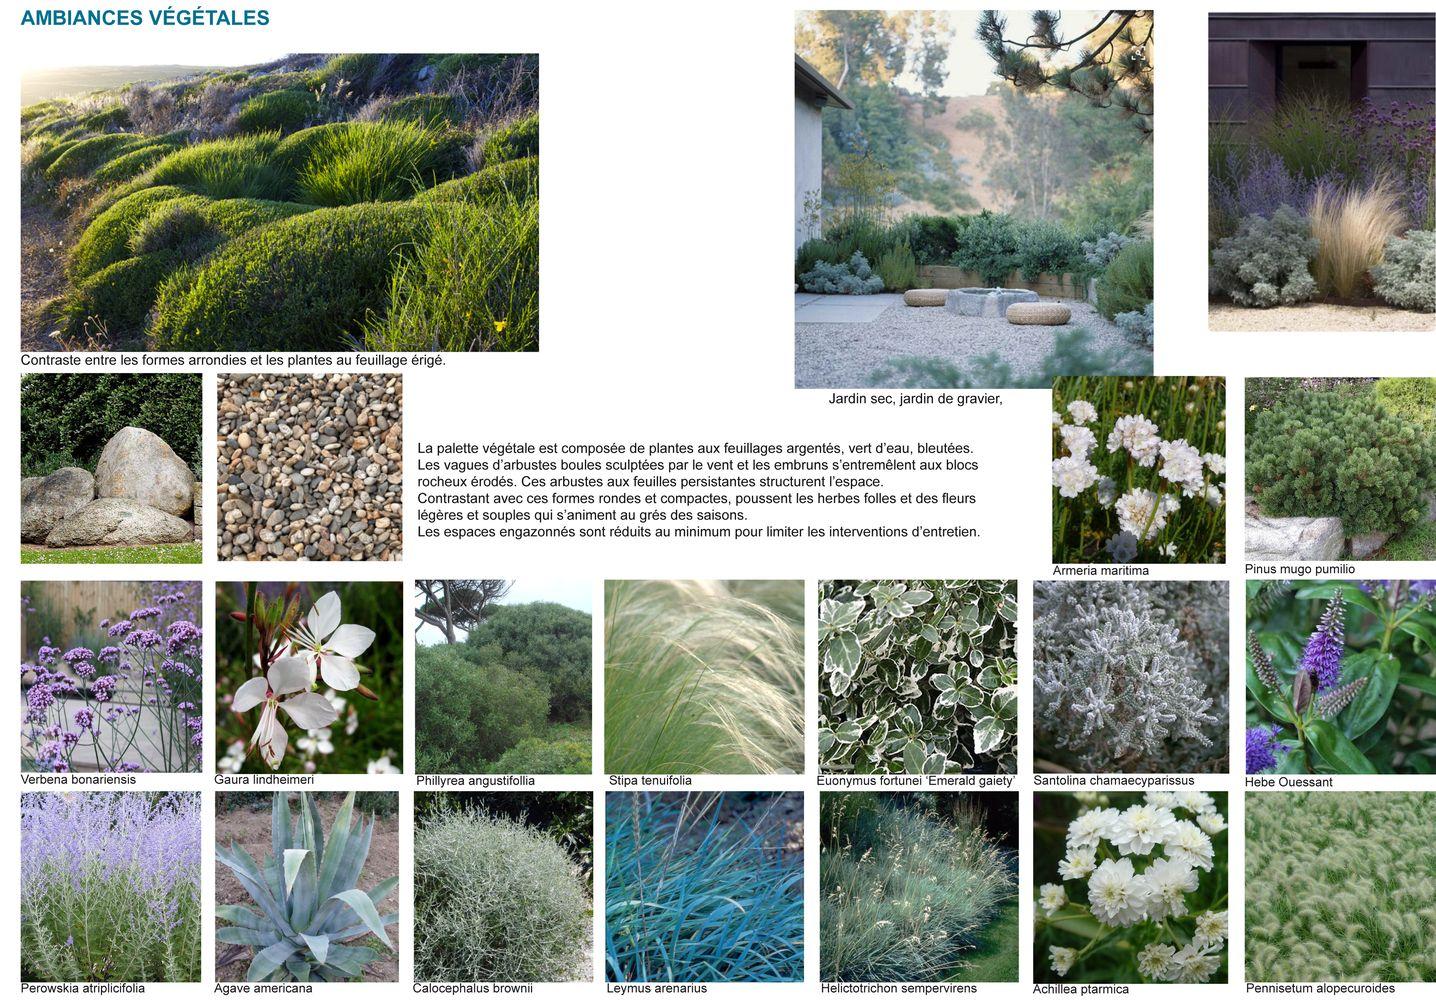 SUNDECK Saint Malo - Ambiances végétales Notice PC plantations Atelier INEX